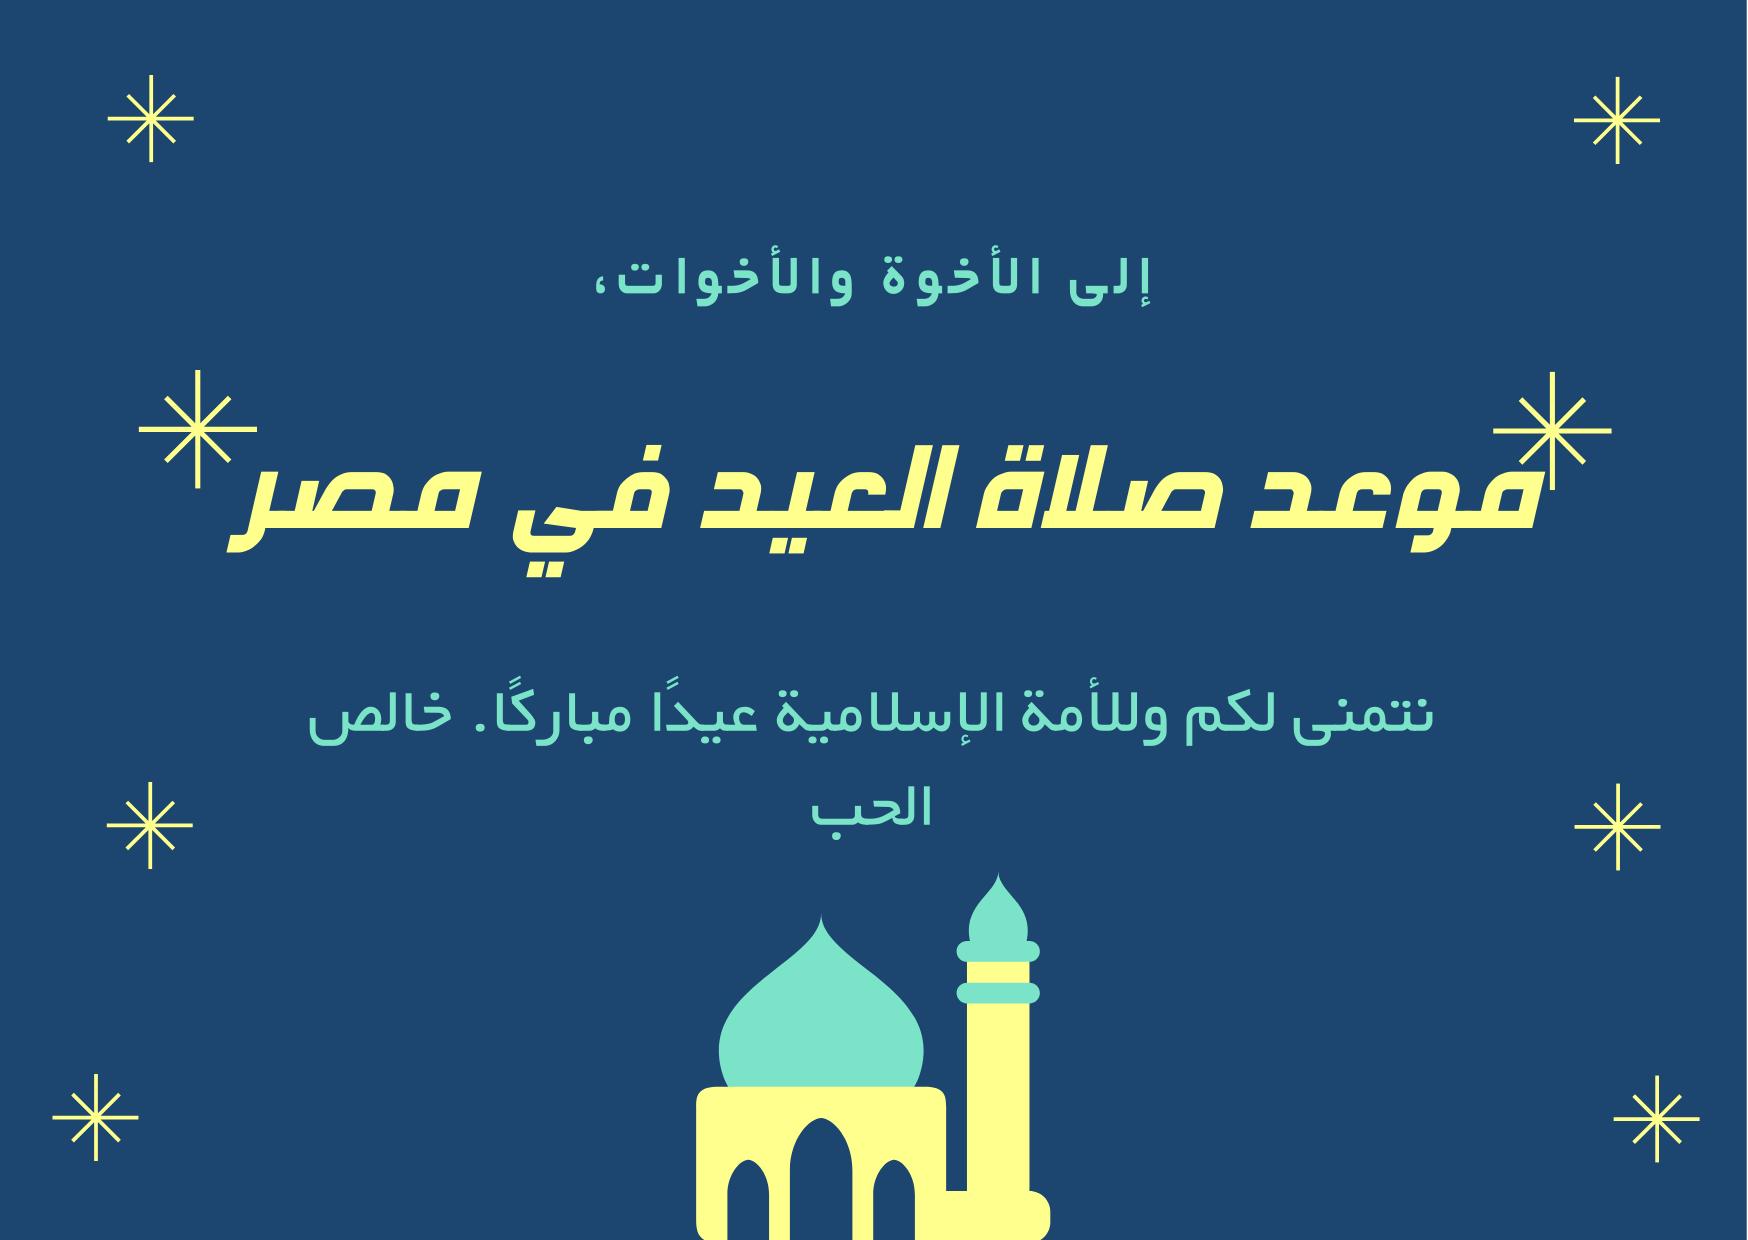 موعد صلاة عيد الاضحى المبارك في جميع محافظات مصر عام 2021